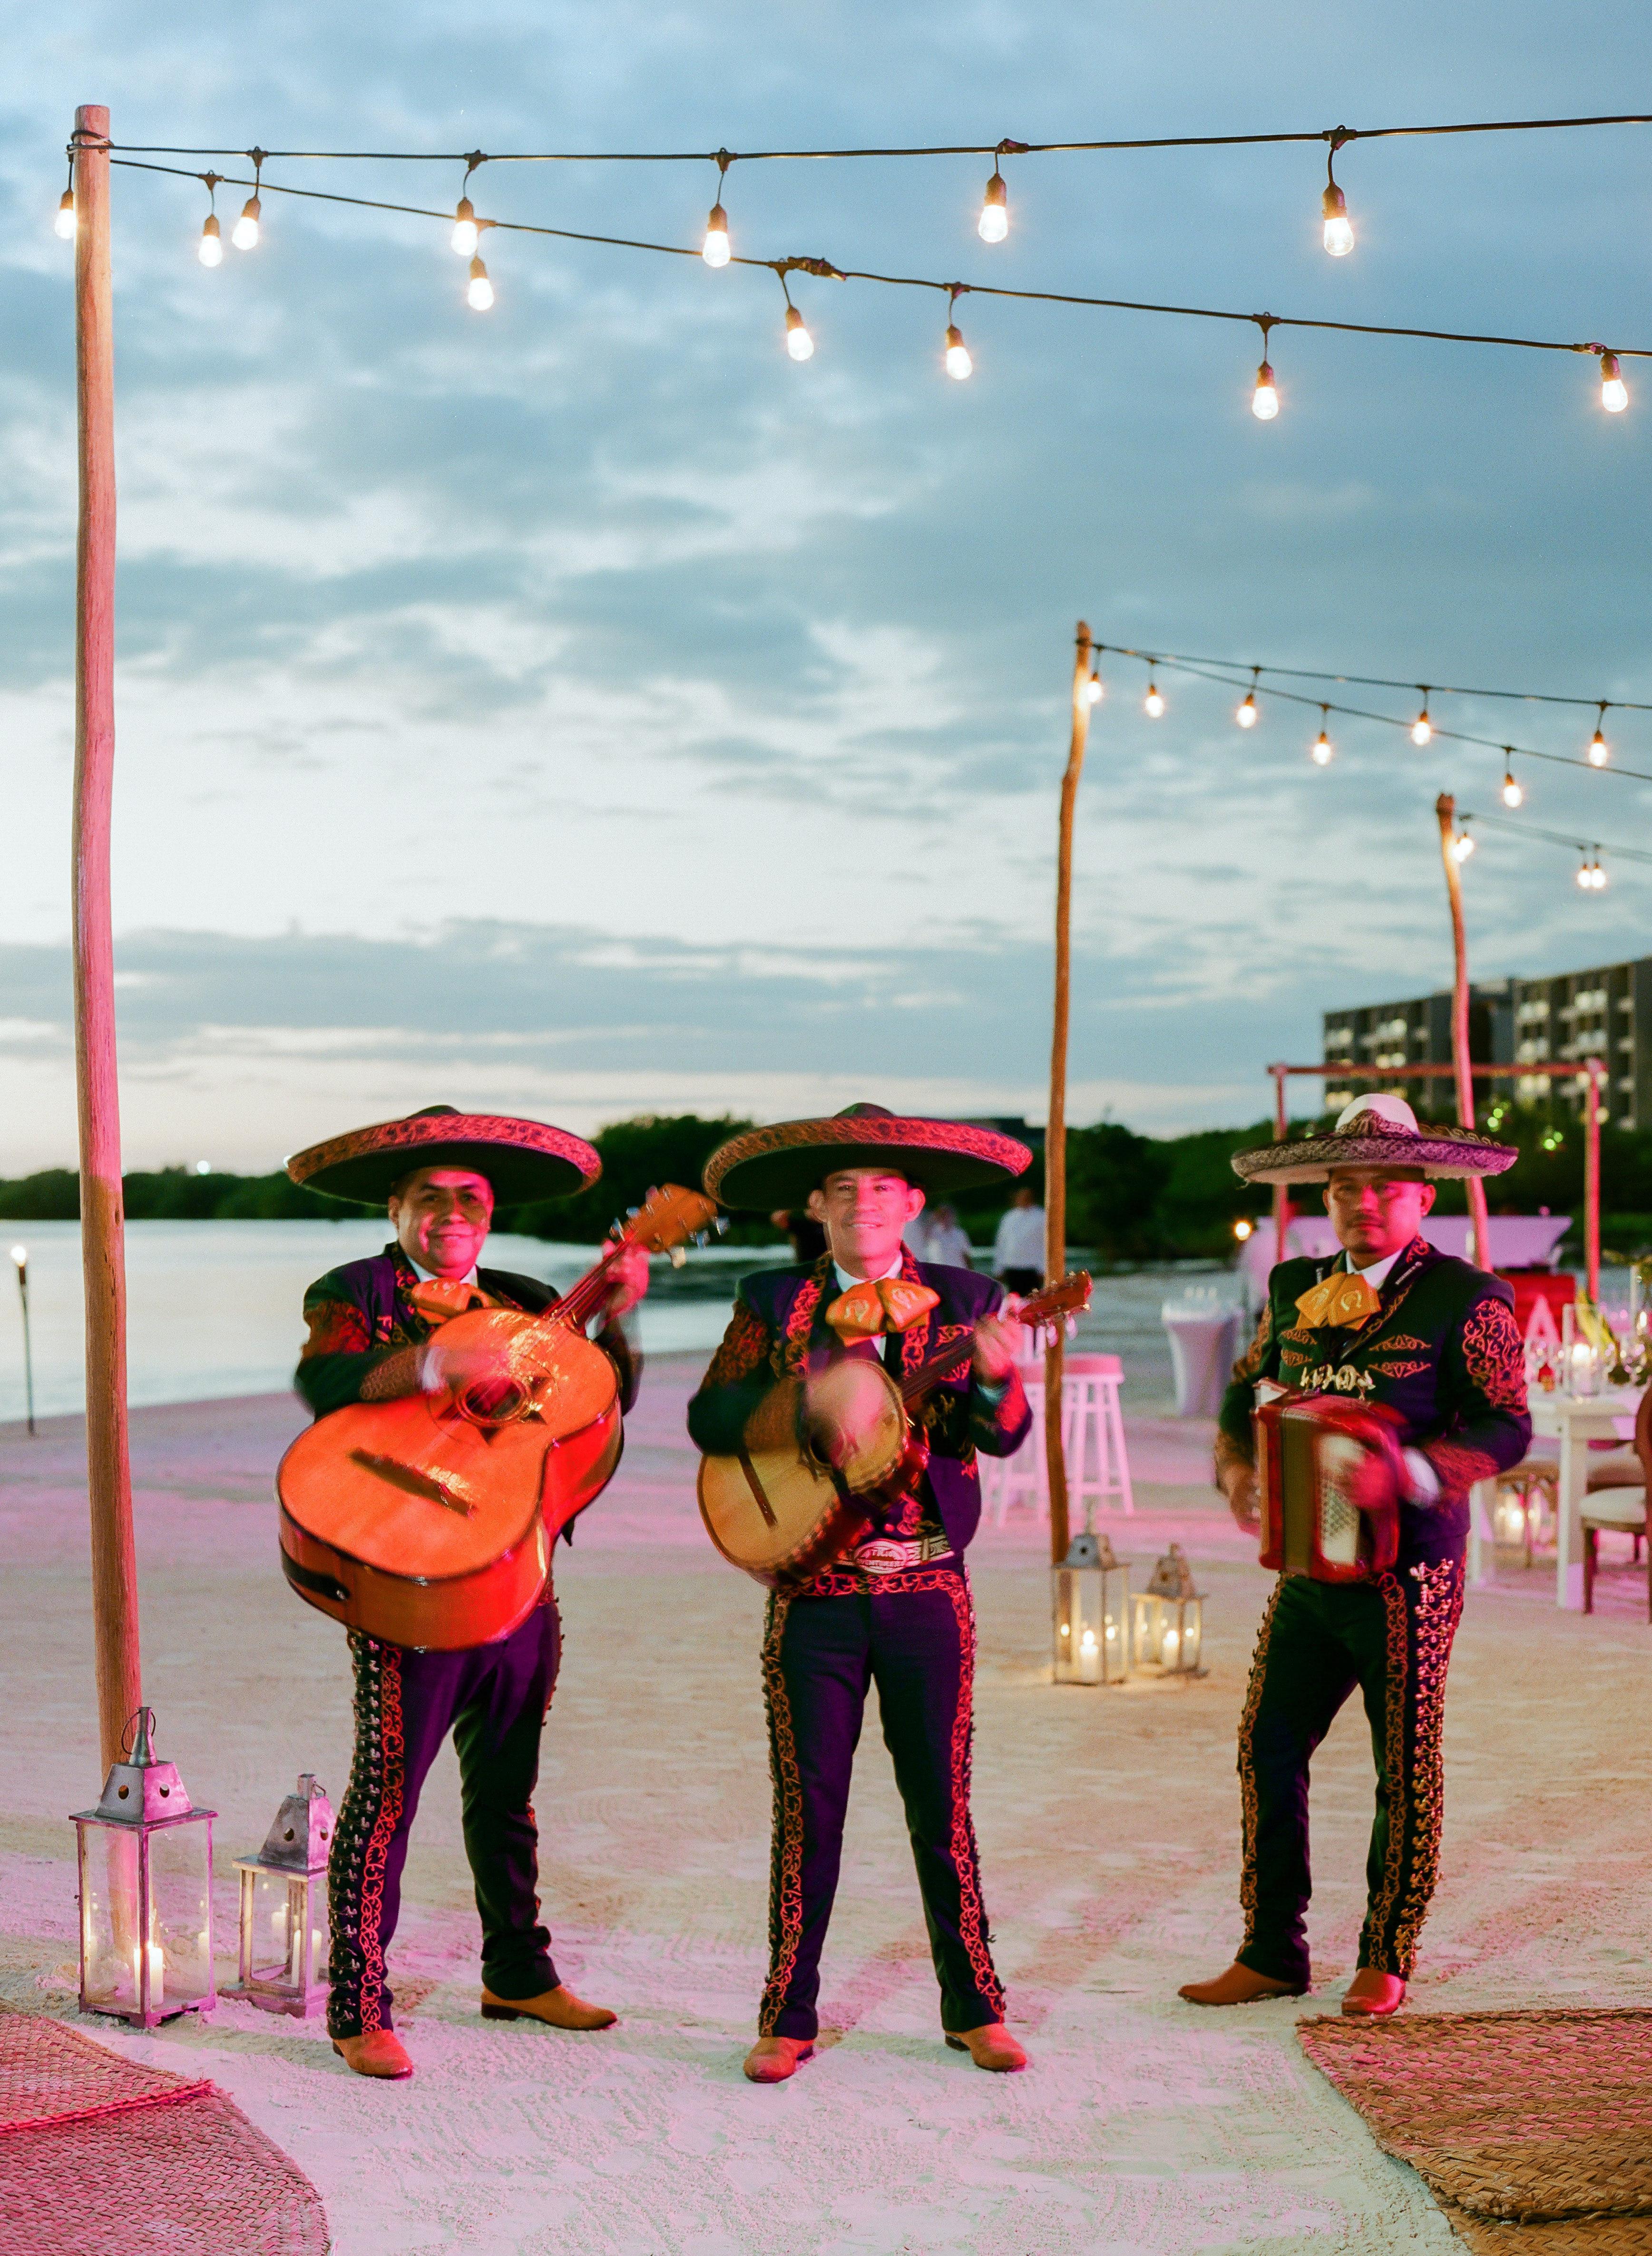 vicky james mexico mariachi band